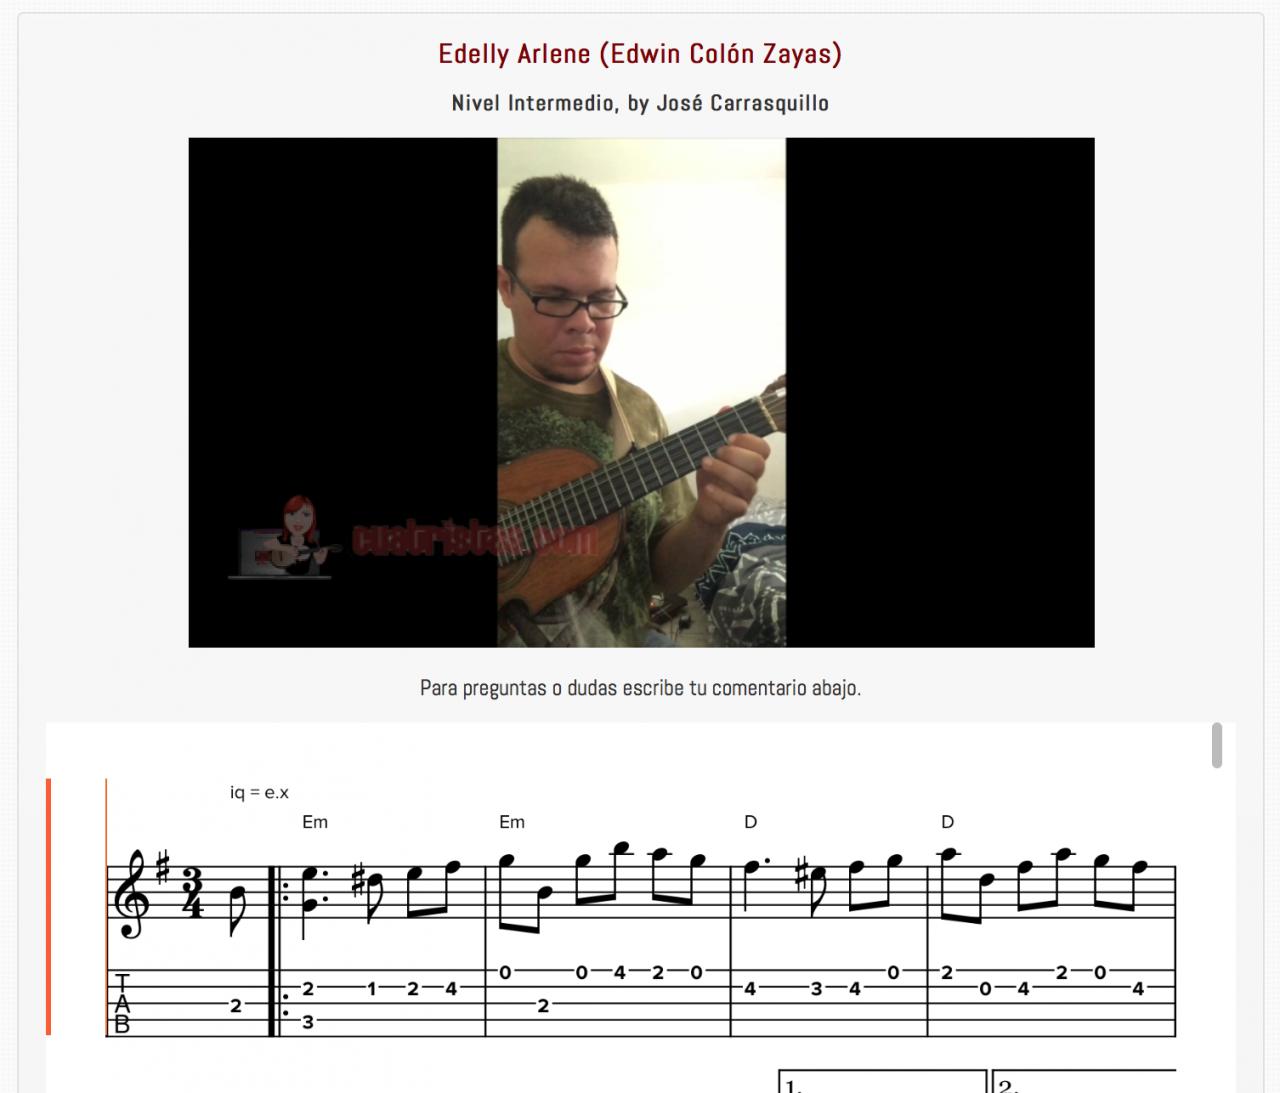 Mazurka Edelly Arlene, Edwin Colon Zayas